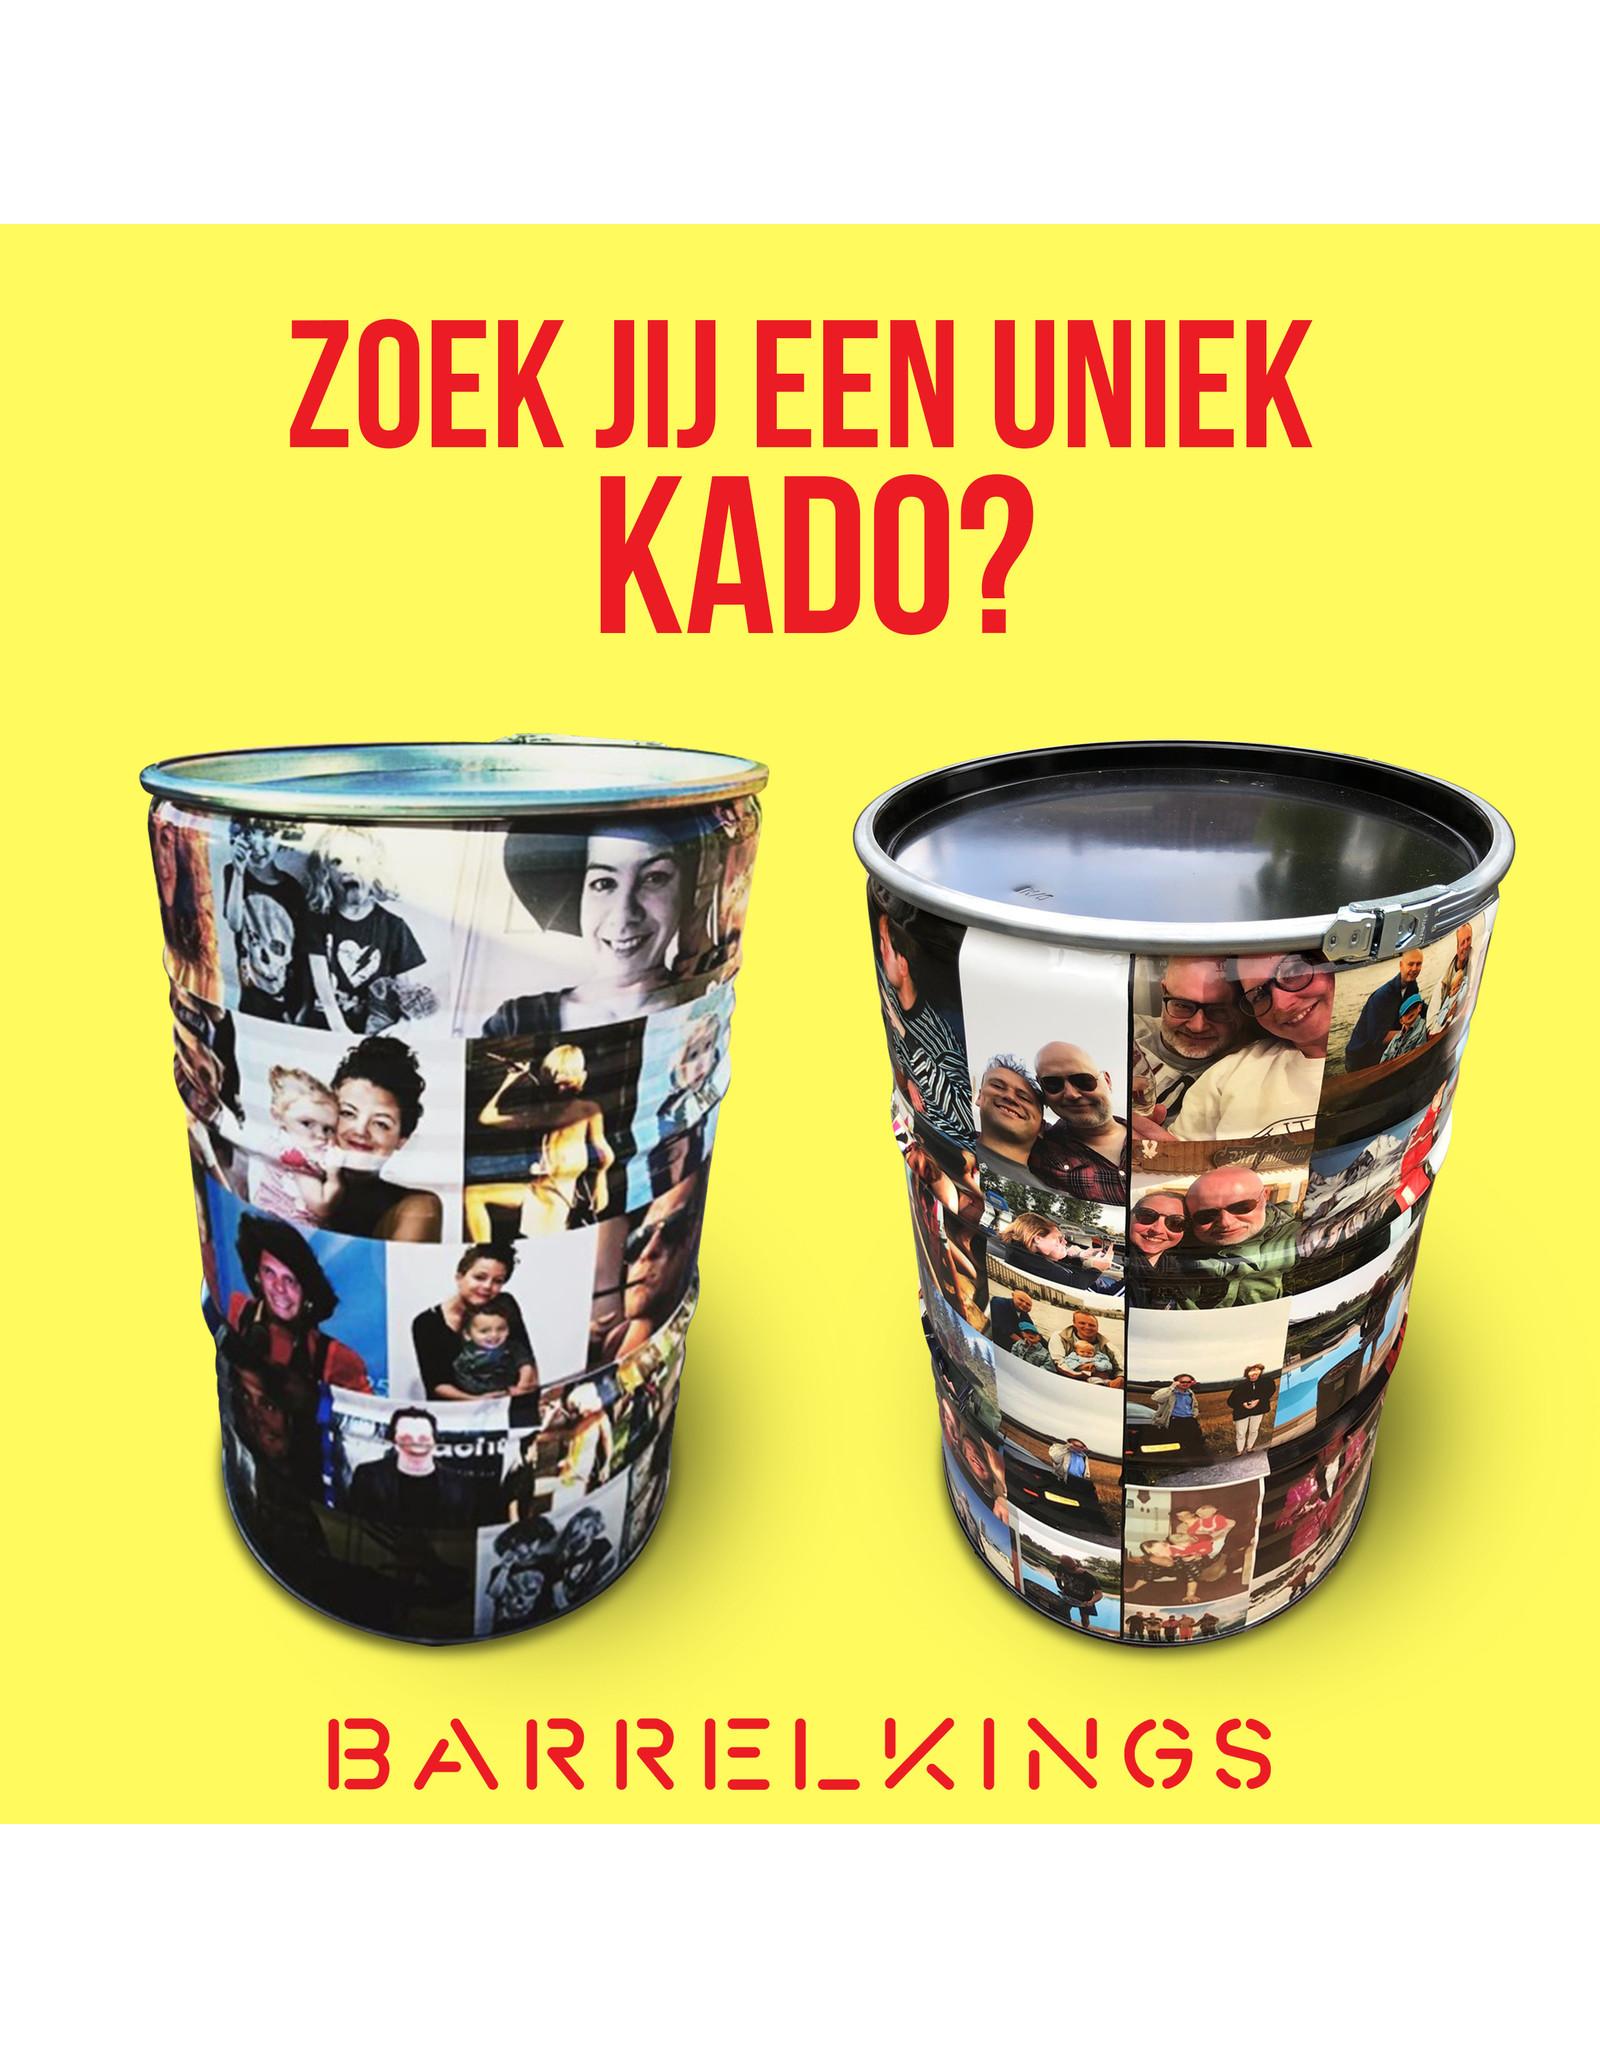 Barrelkings Photo Barrel